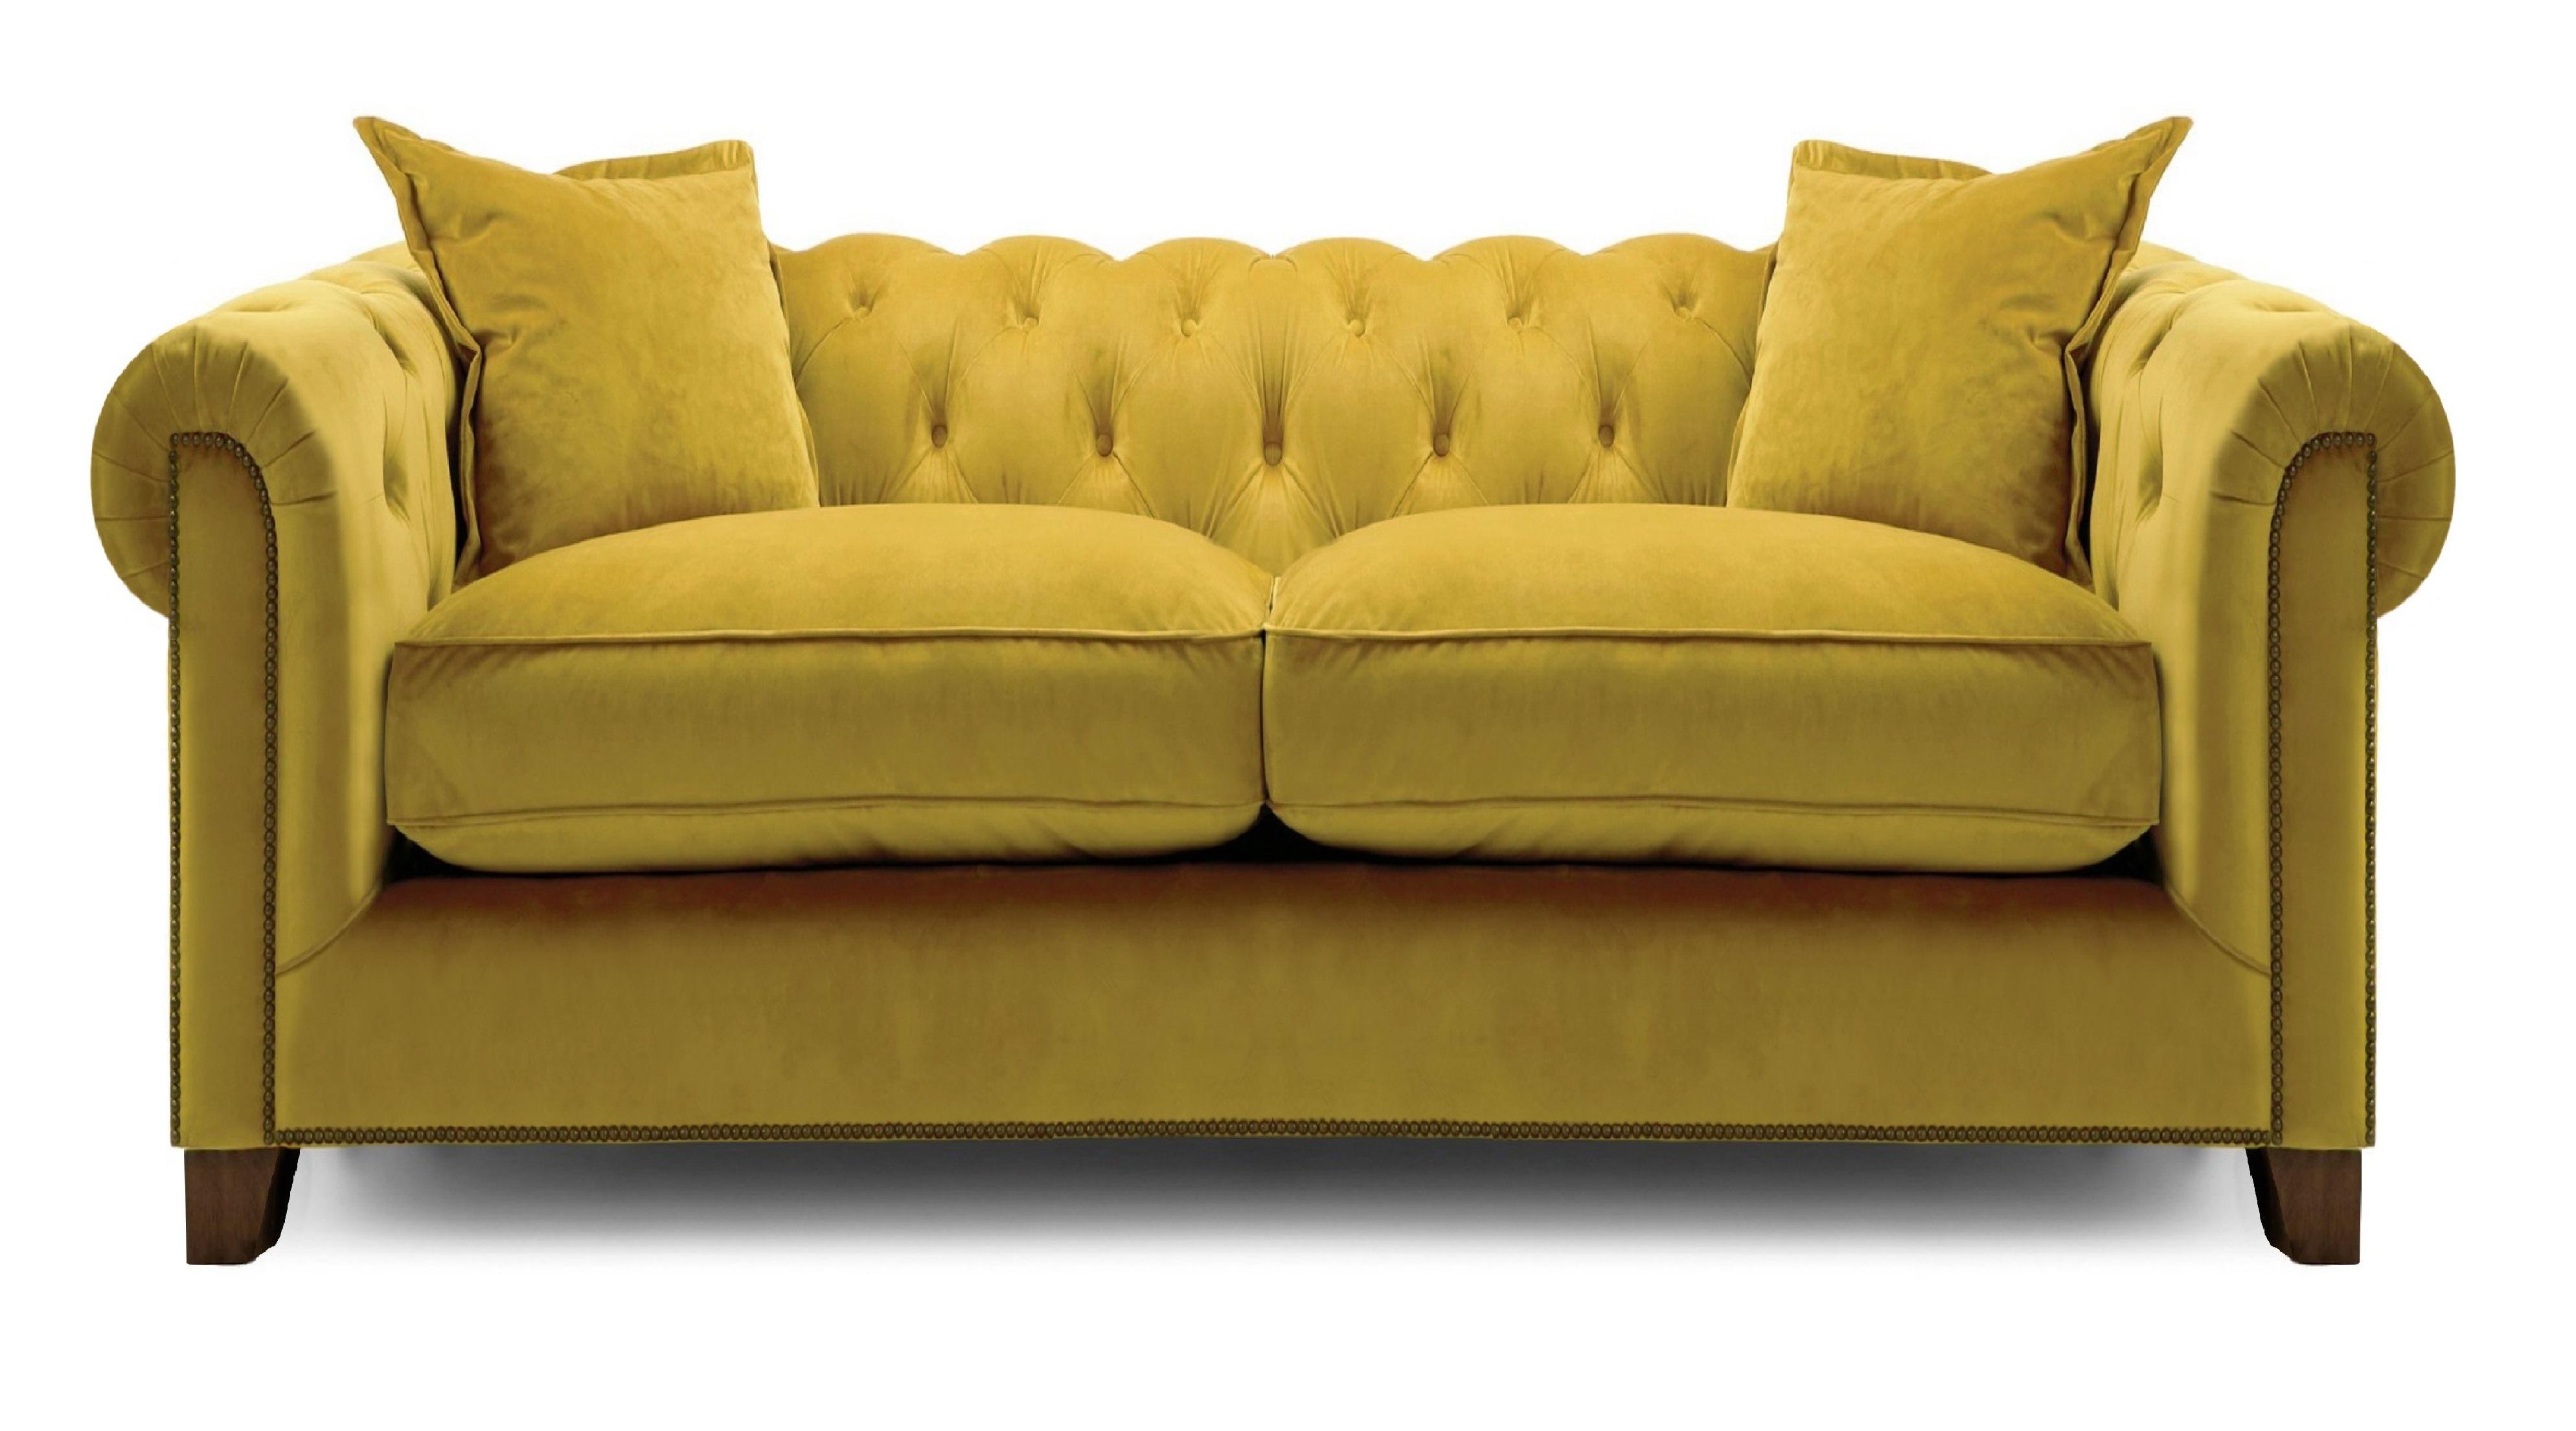 Kennedy 3 Seater Hermit Sofa - Mustard